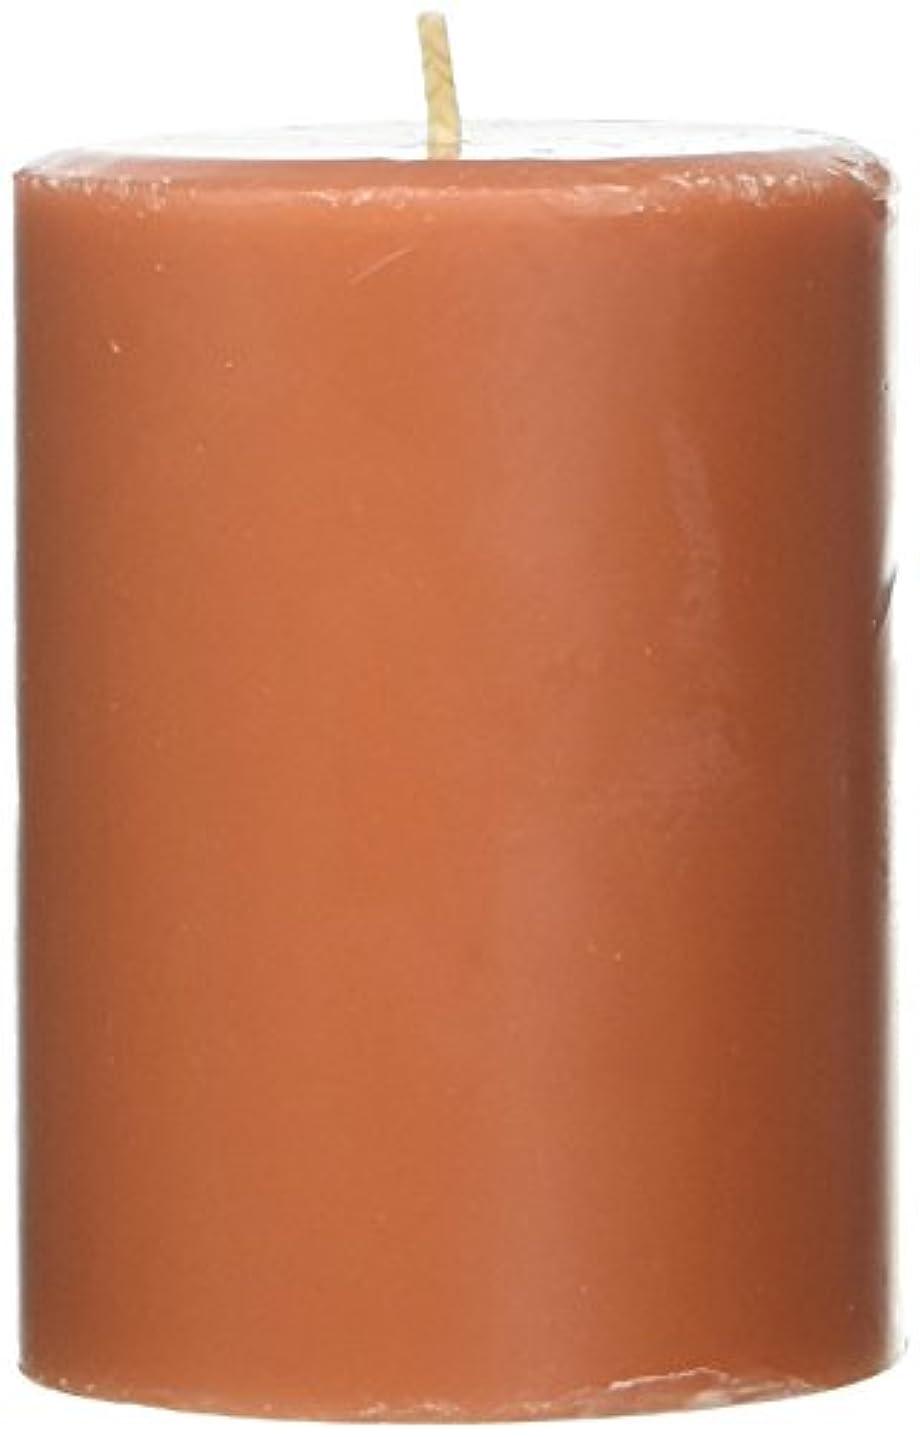 セッティング強要交換Northern Lights Candles Roasted Pumpkin FragranceパレットPillar Candle、3 x 4